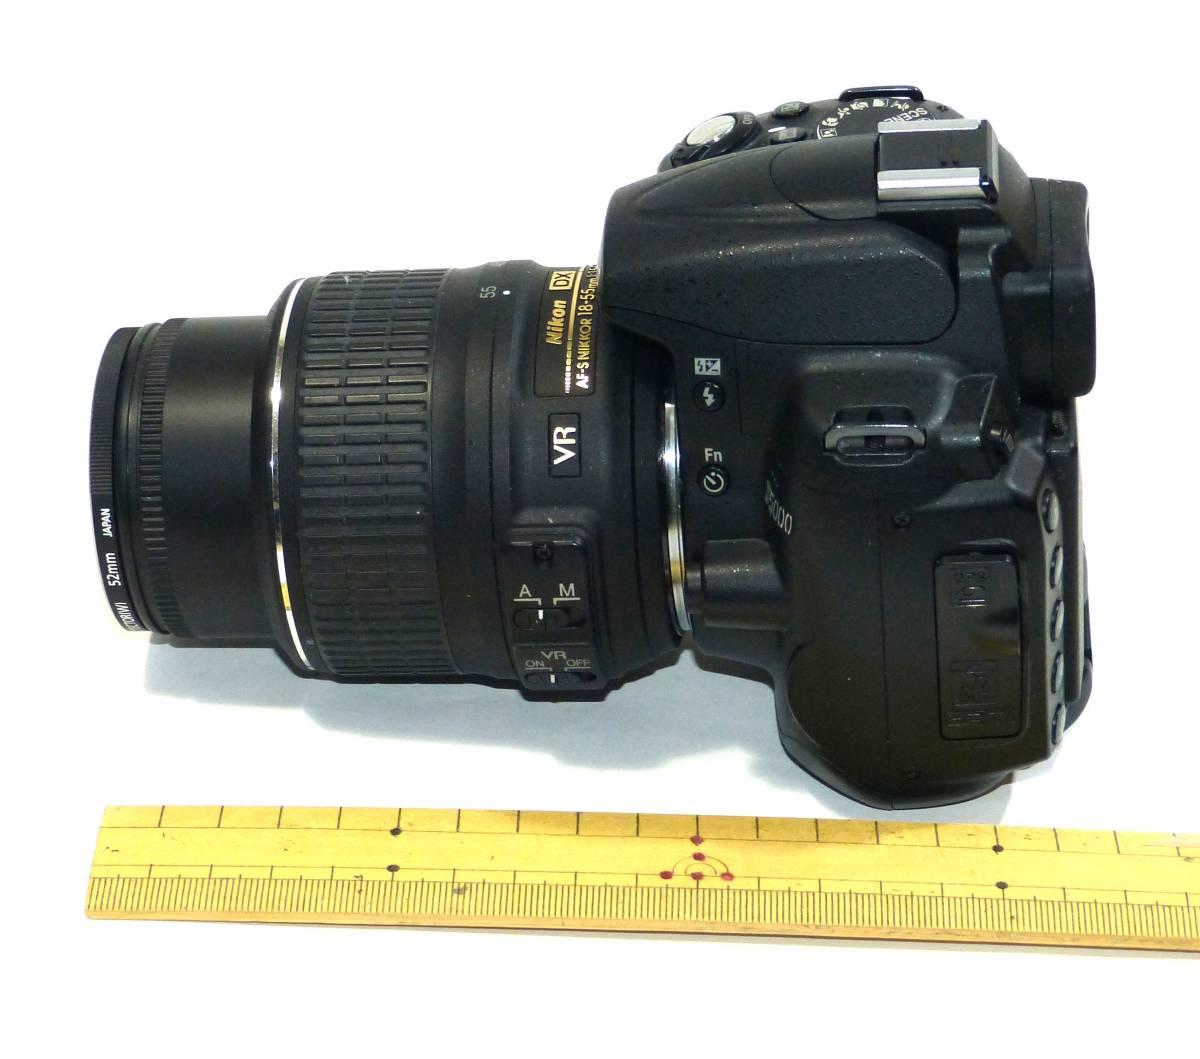 デジタルカメラ ニコン中古一眼レフ 動作確認済 Nikon D5000  純正 ズームレンズ キット18-55mm 1230画素 4GSDHC 純正バッテリー_画像8